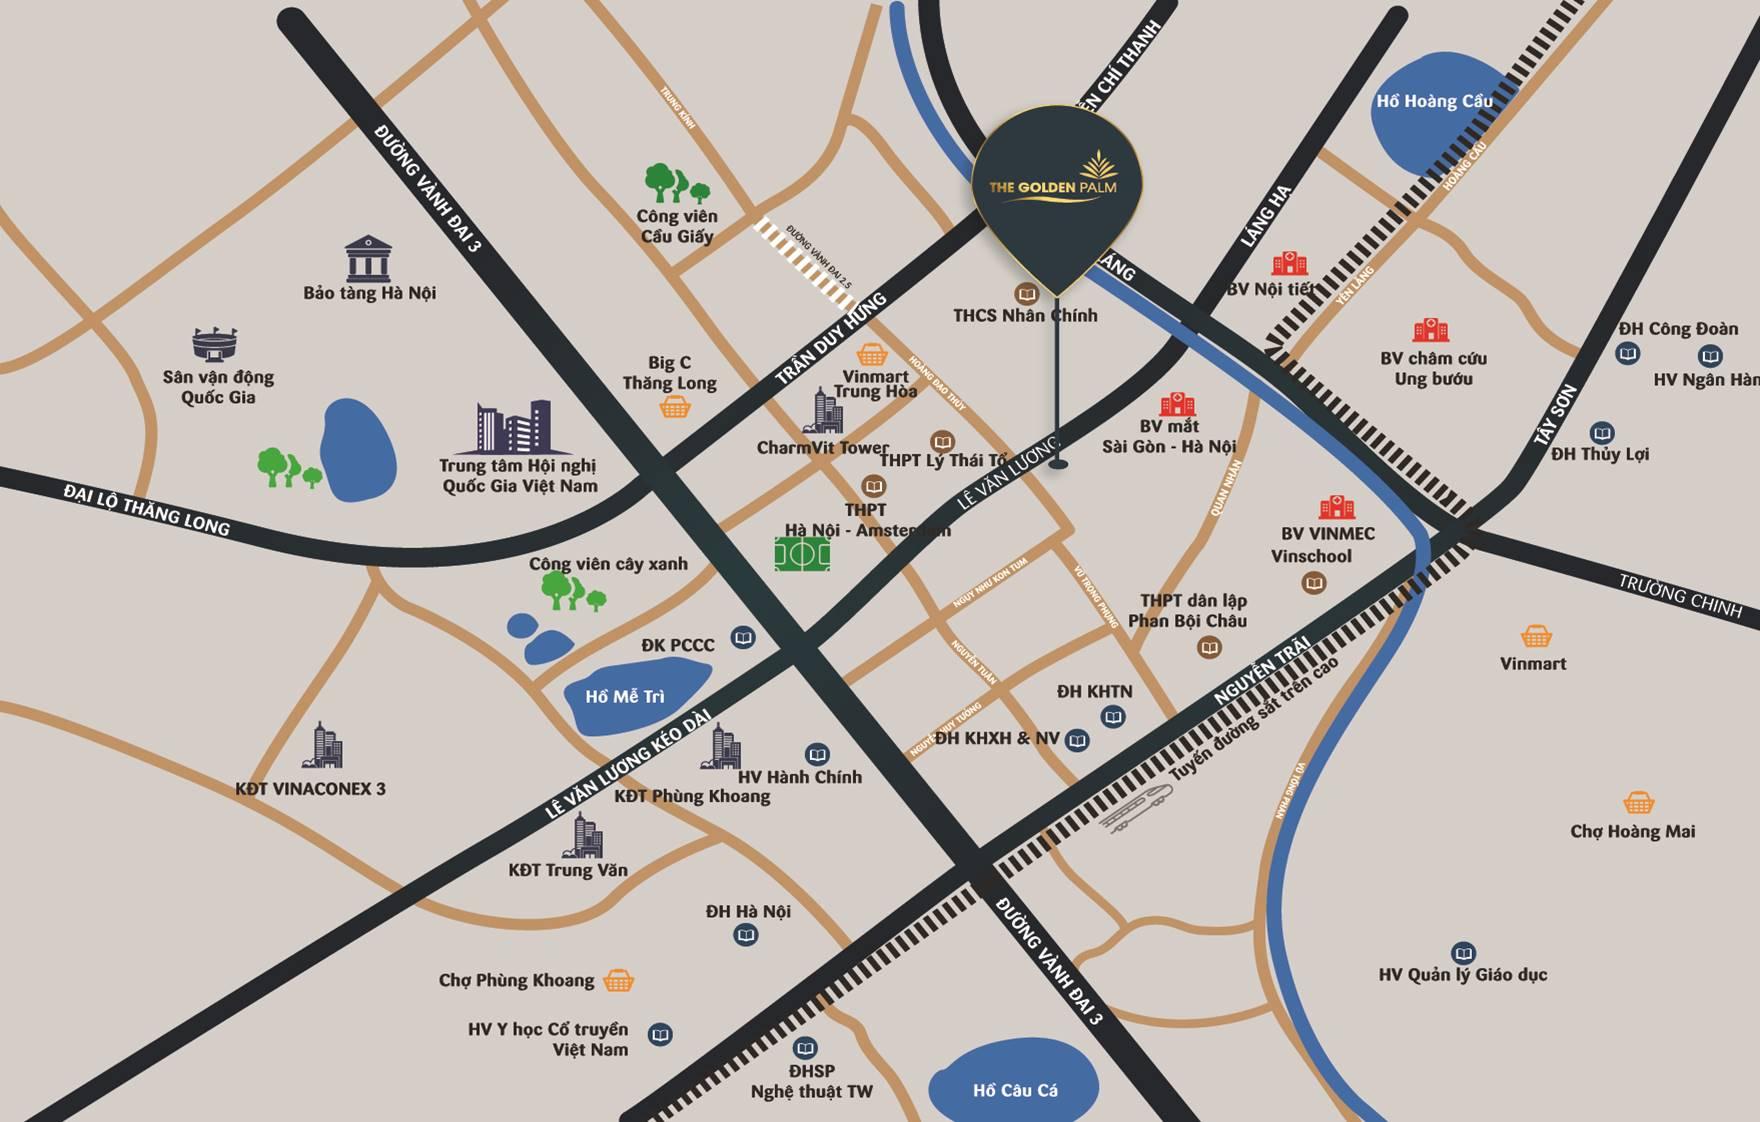 Thông tin dự án The Golden Palm Lê Văn Lương - Bảng giá gốc